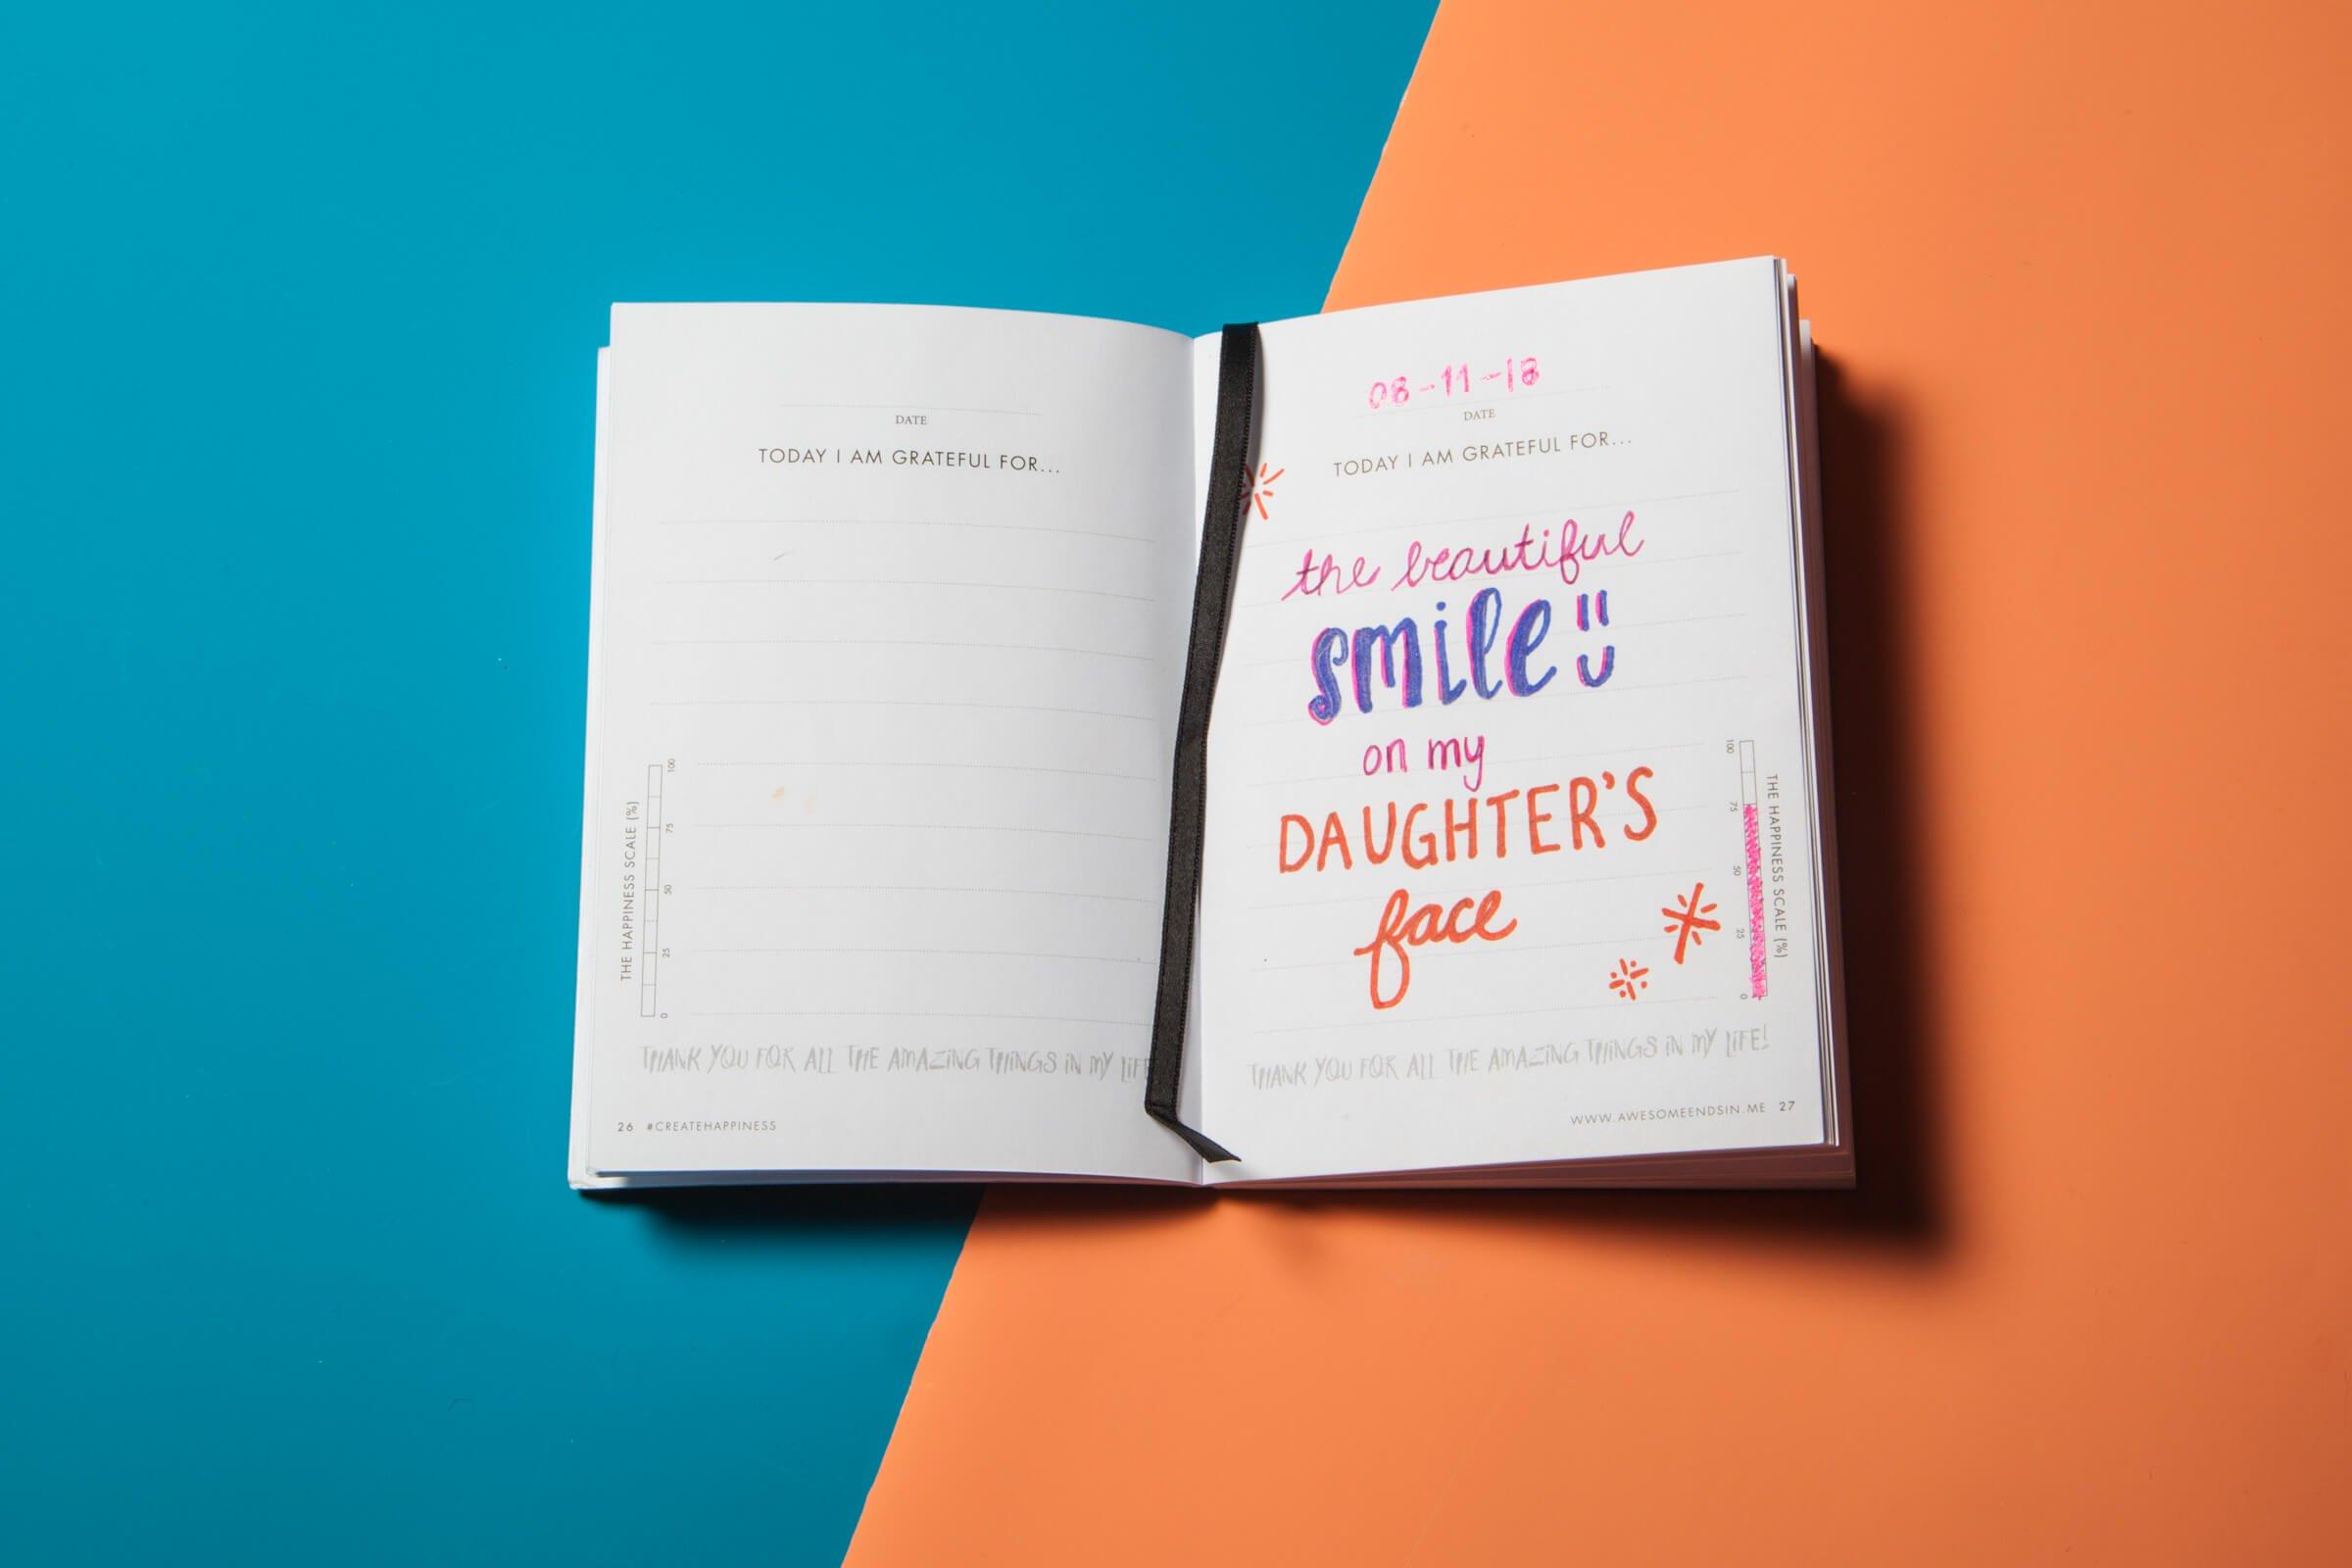 Viết nhật ký biết ơn và những điều tuyệt vời đính kèm!   Đẹp365